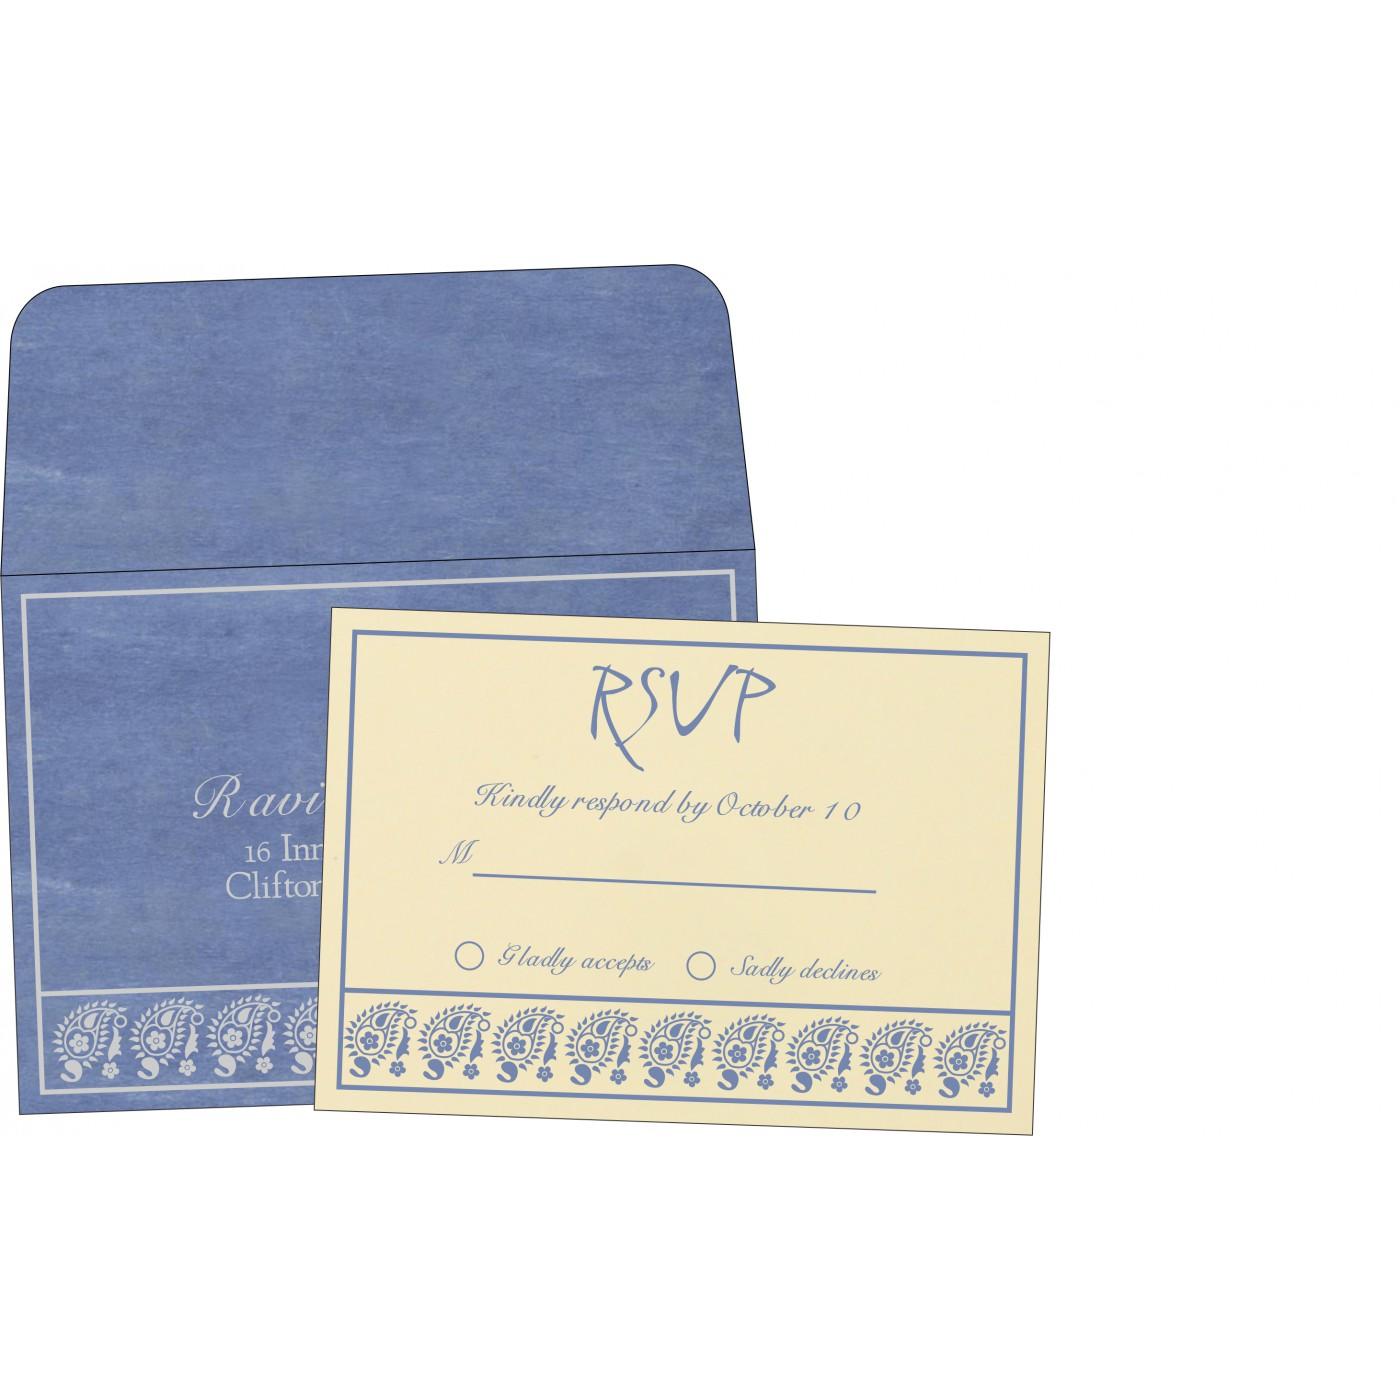 RSVP Cards - RSVP-8218K